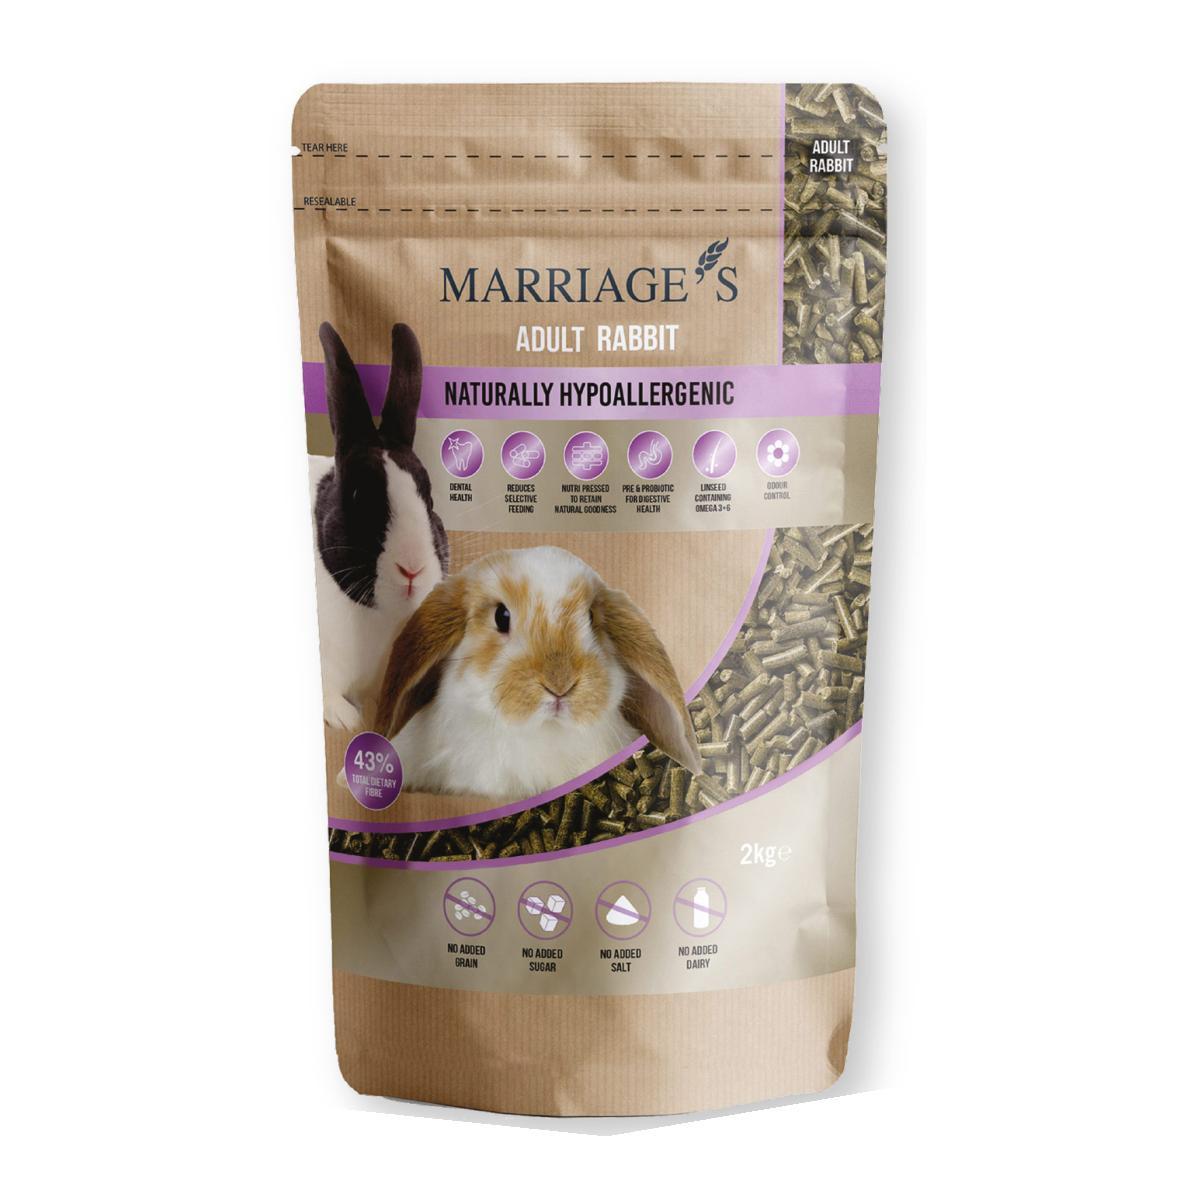 Marriages Adult Rabbit Pellets 2kg VAT FREE